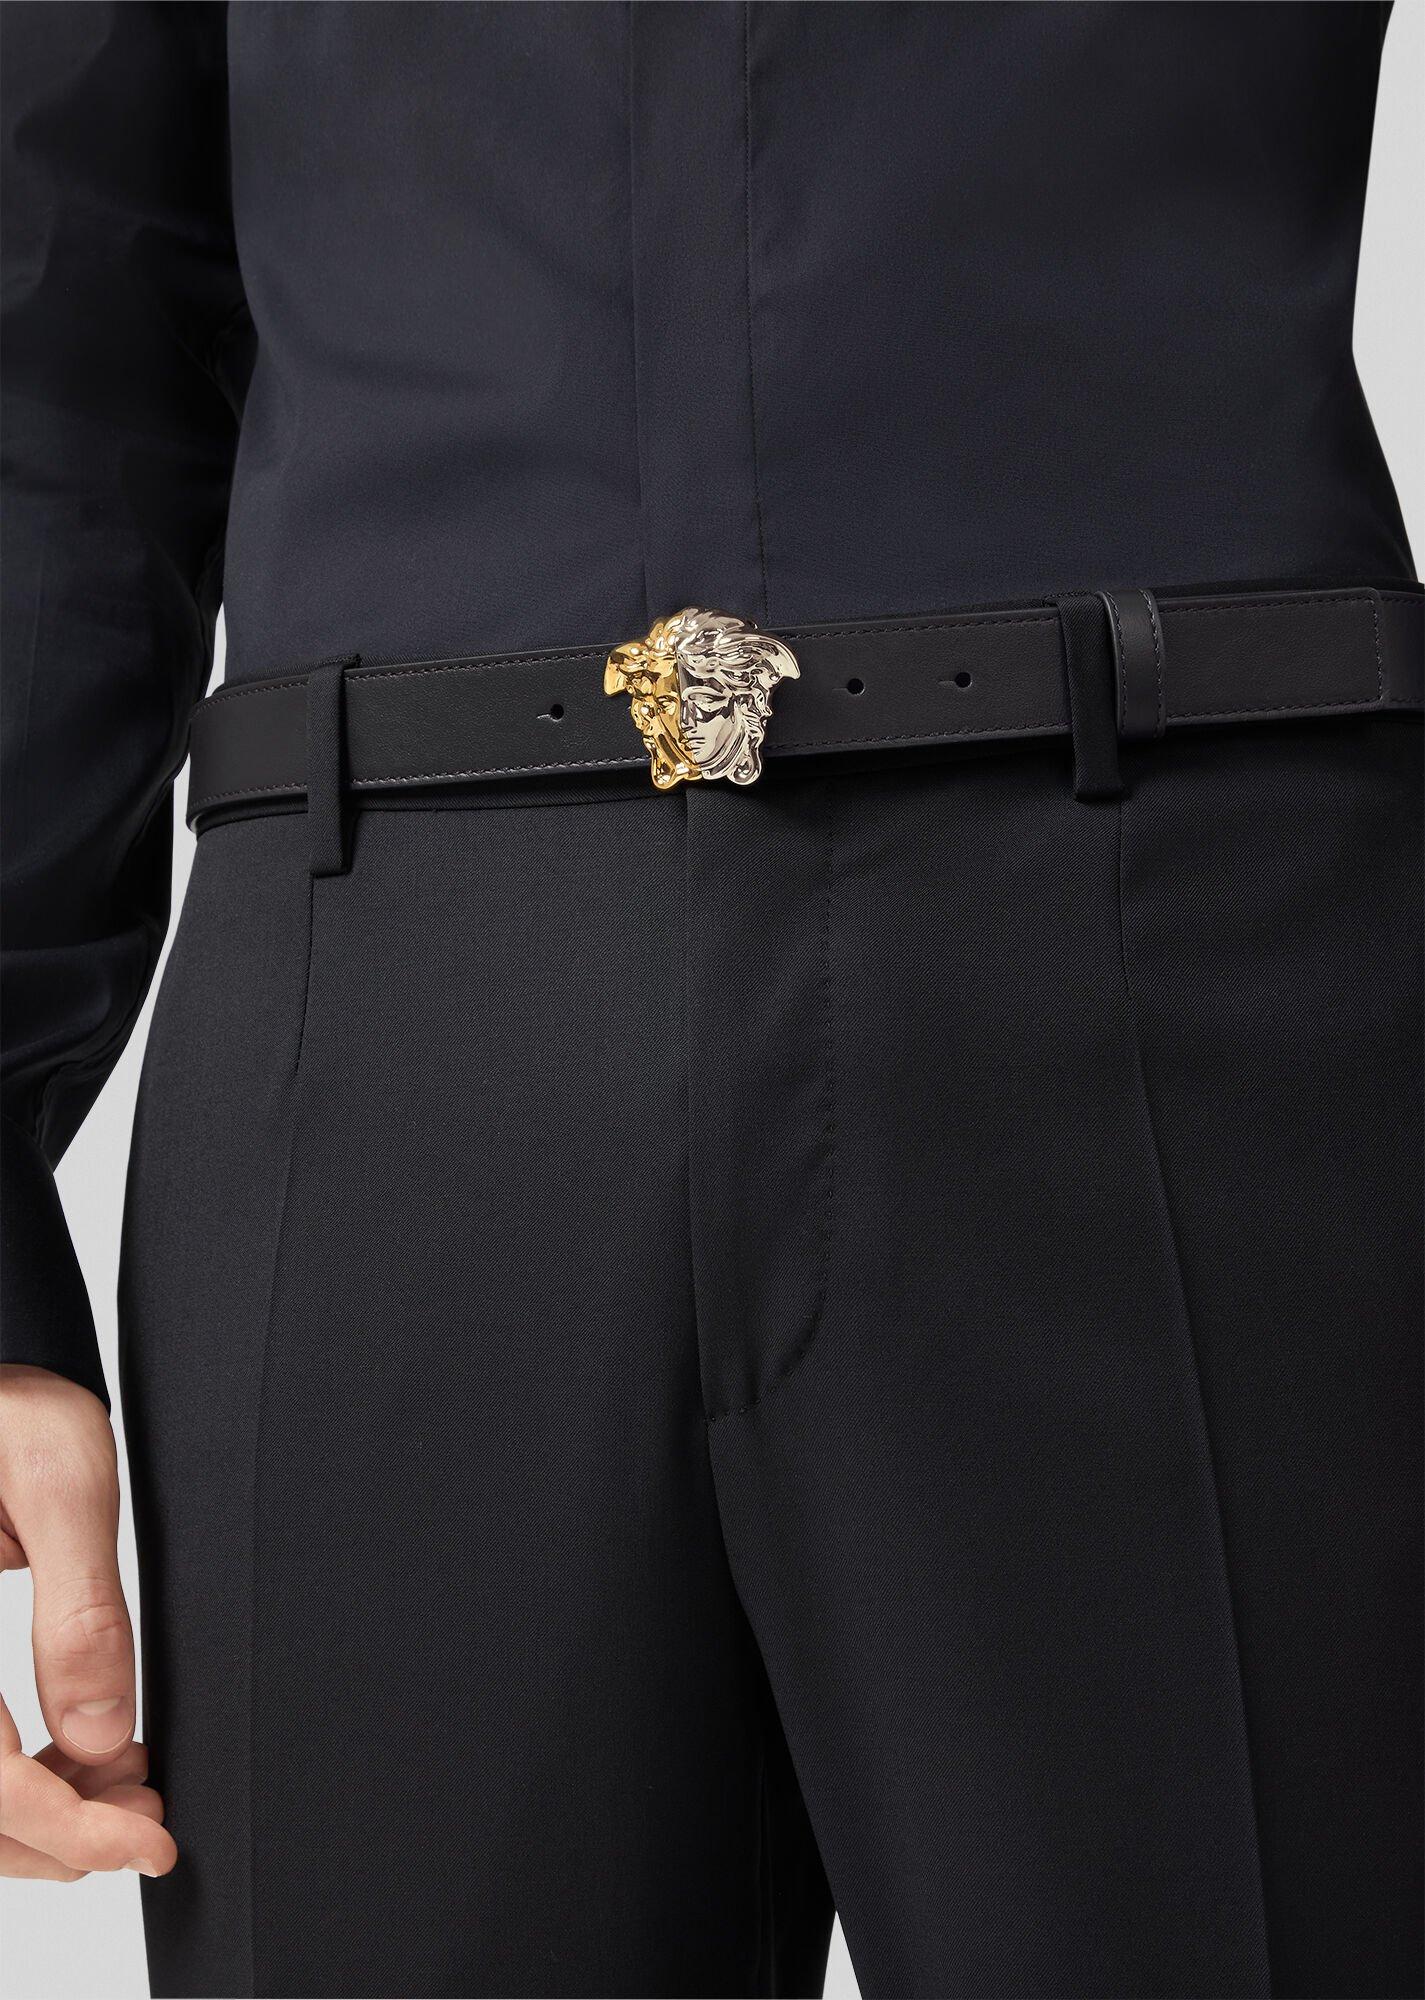 palazo thin belts